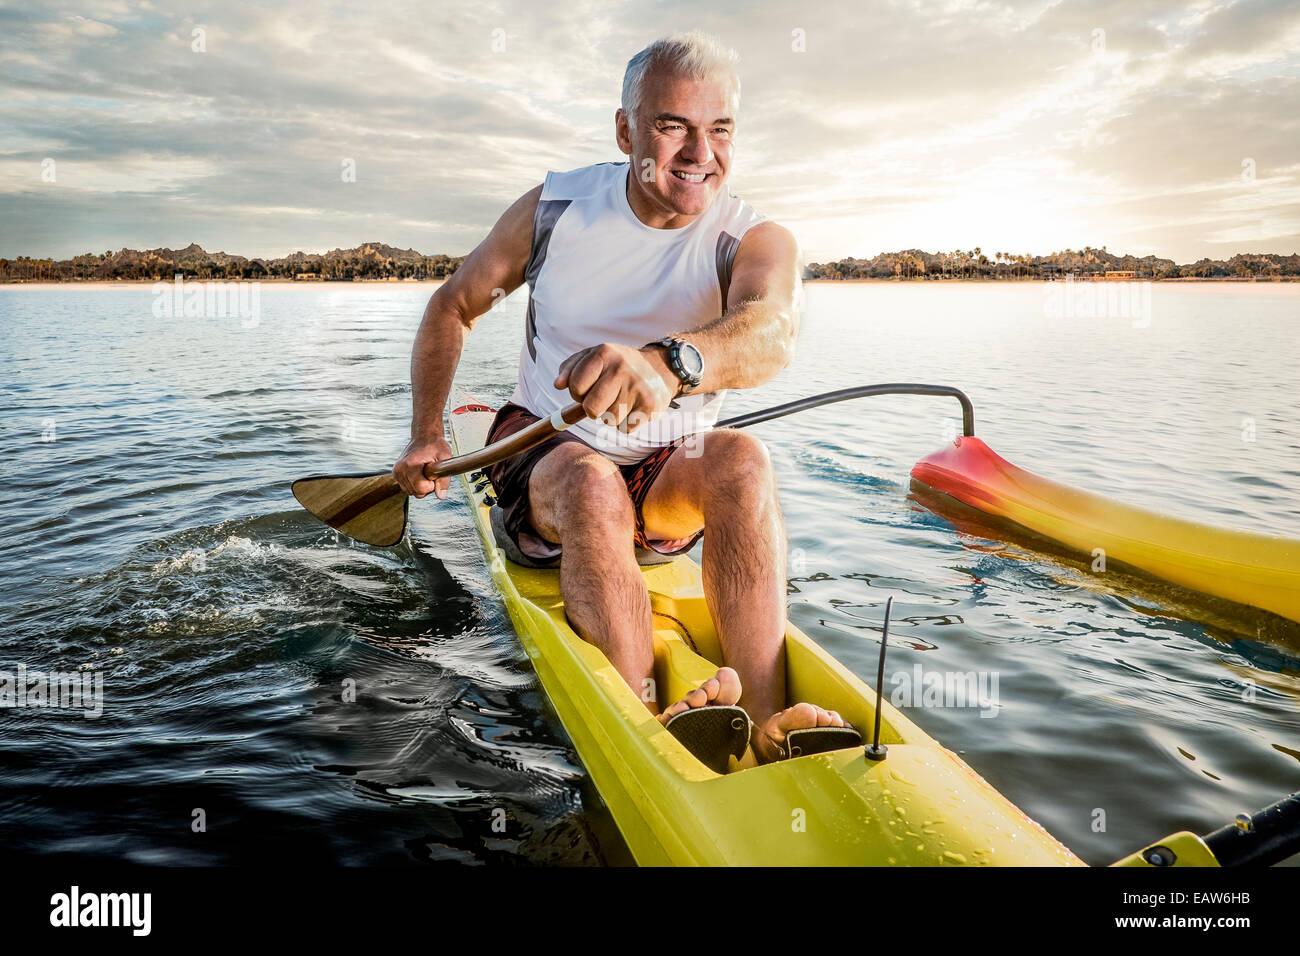 Uomo Senior canoa outrigger canoe nell'oceano al tramonto con isola tropicale dietro di lui. Immagini Stock